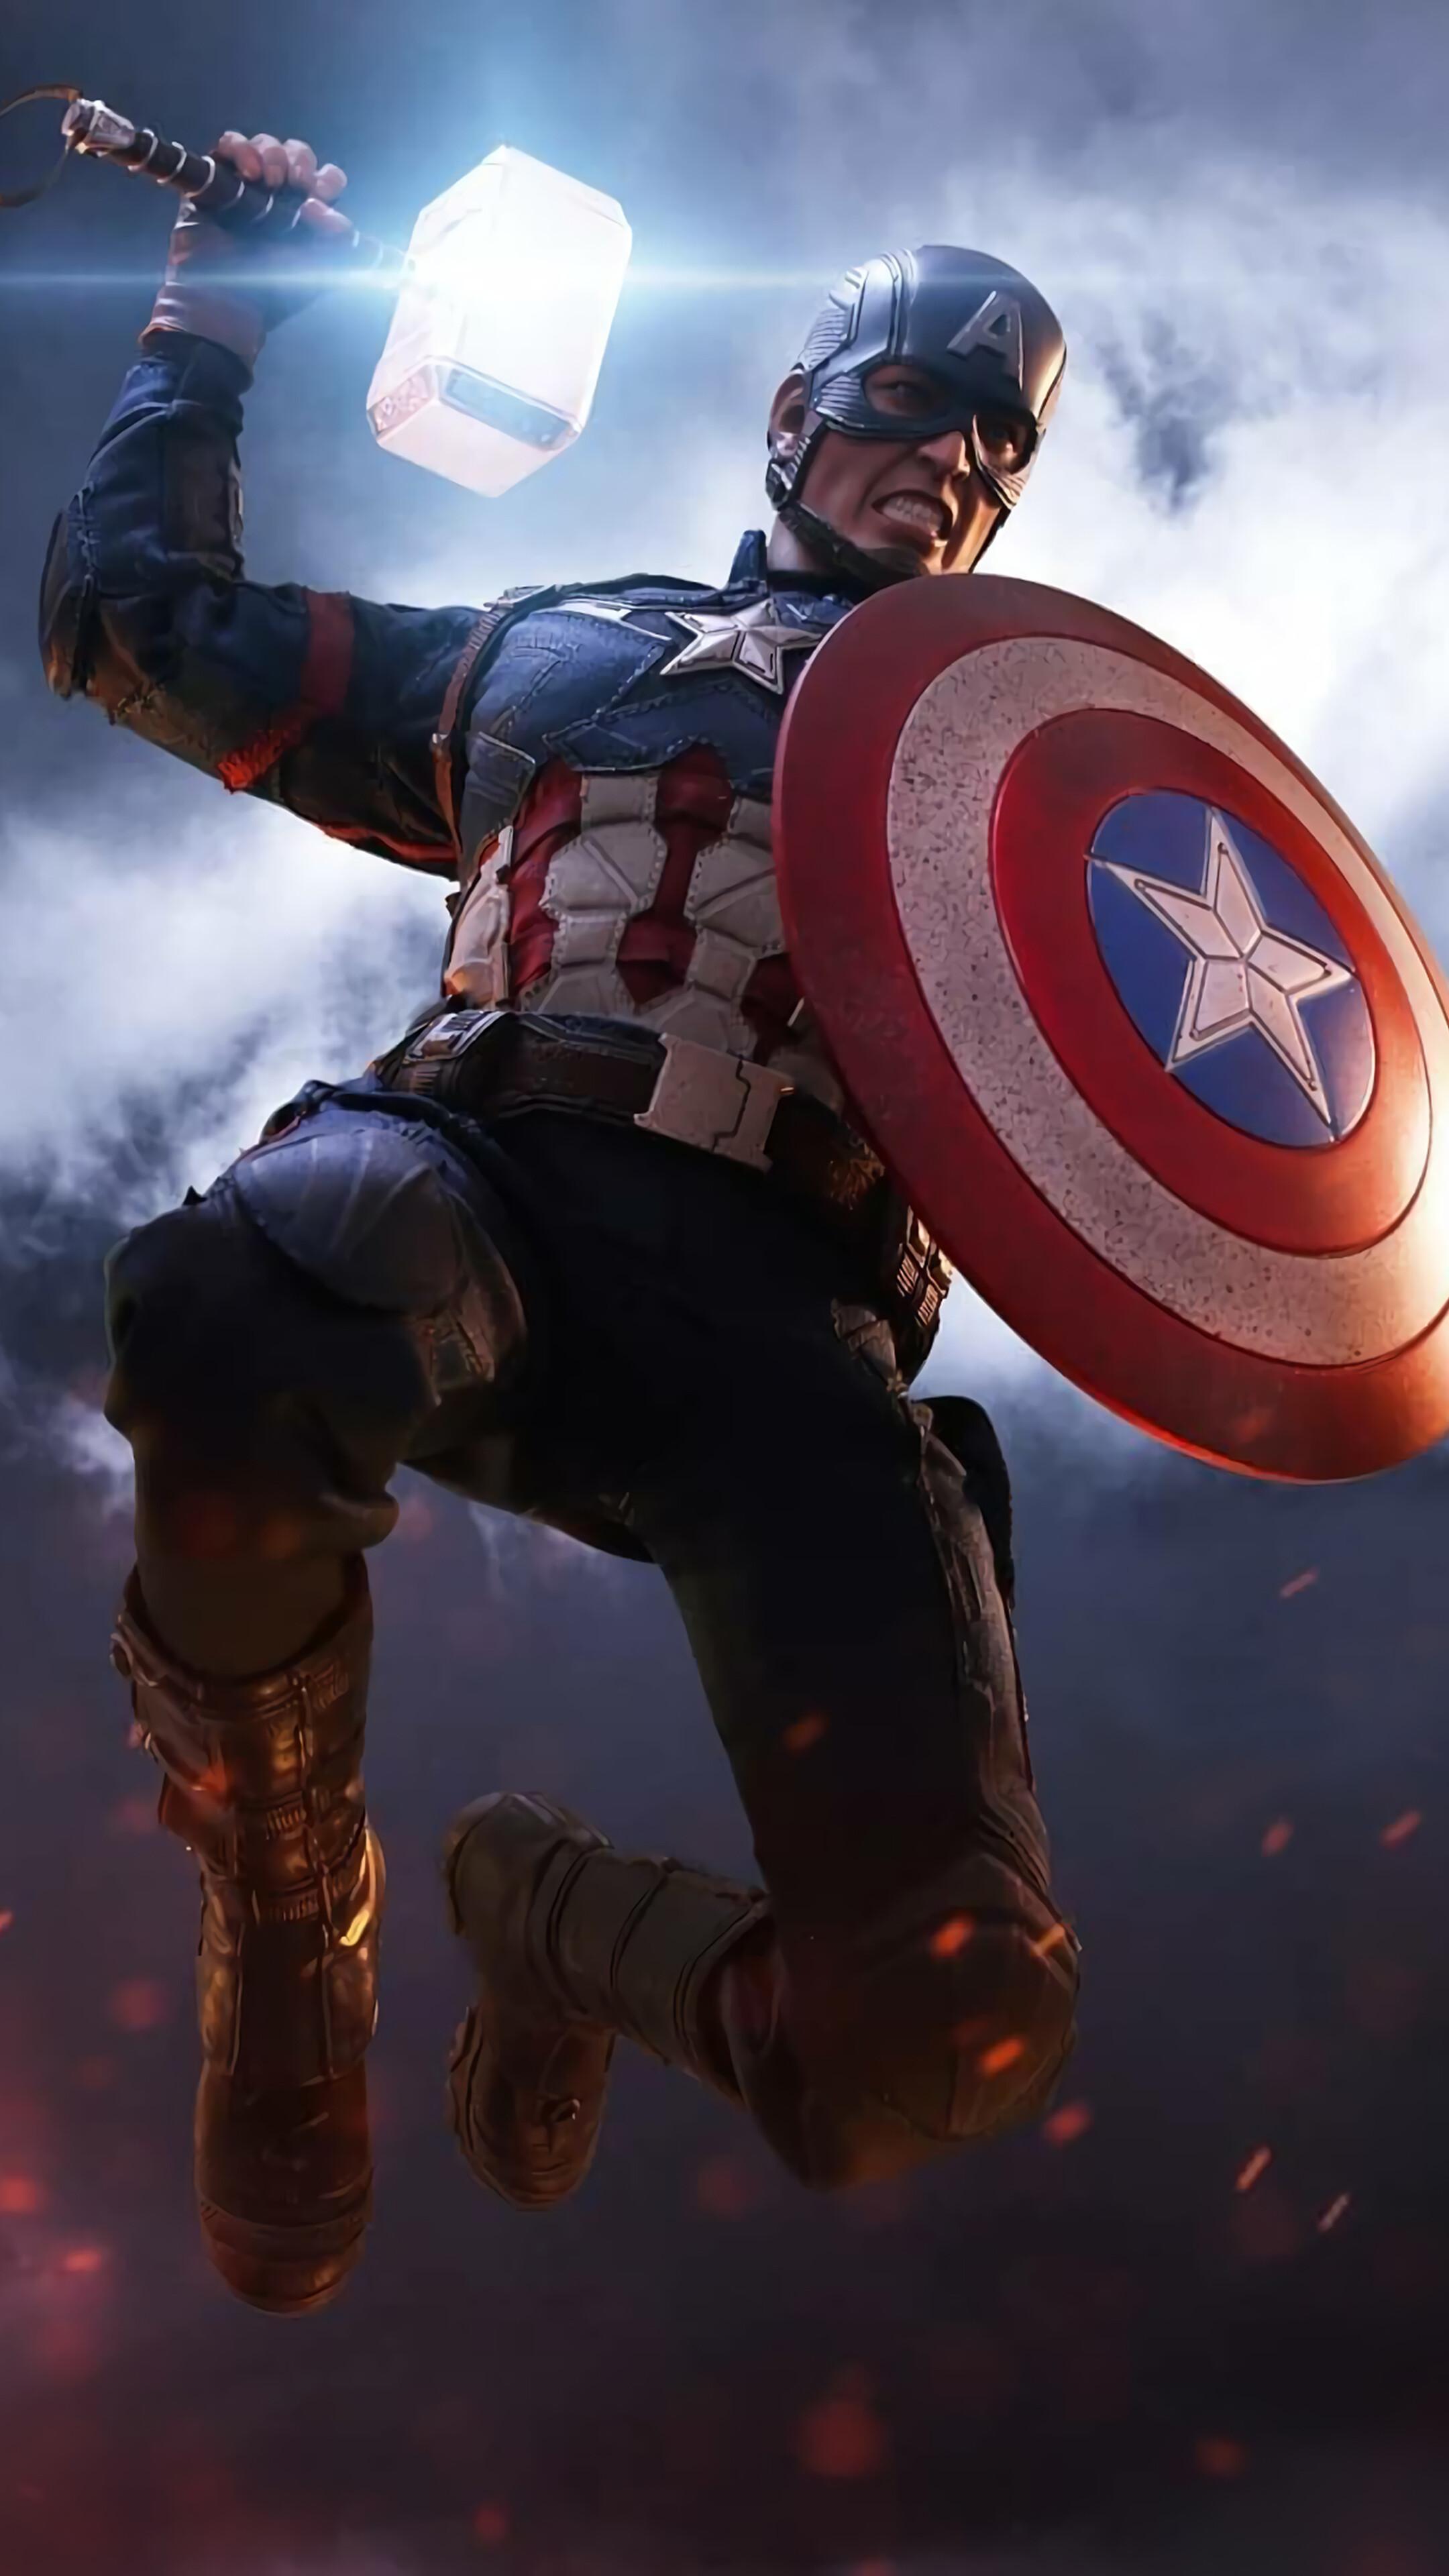 Captain America, Mjolnir, Hammer, Shield, Avengers - Captain America With Thors Hammer , HD Wallpaper & Backgrounds